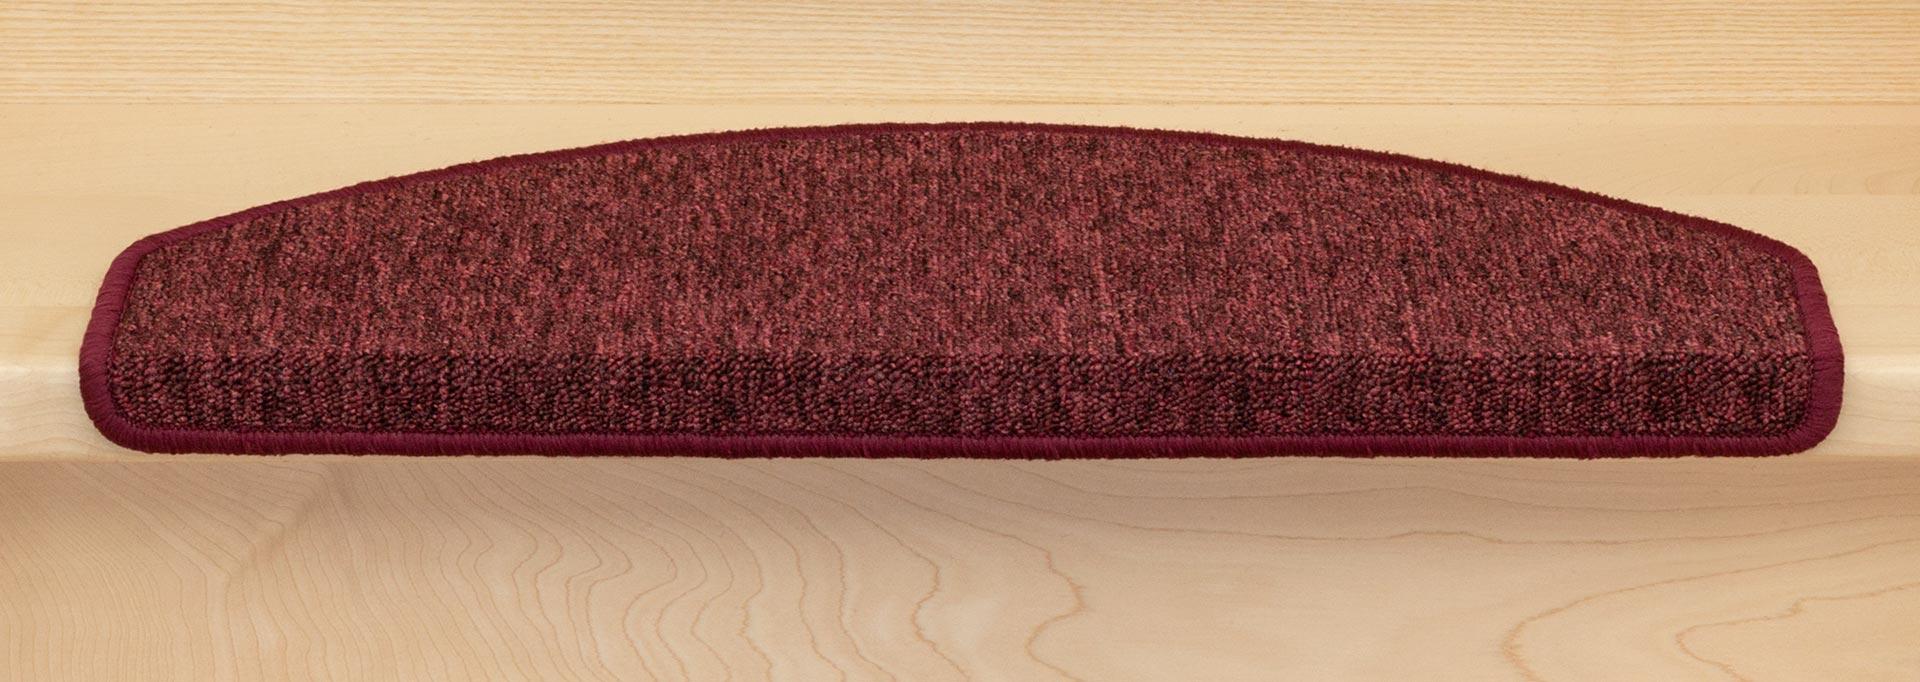 Stufenmatten-Rambo-New-versch-Farb-u-Set-Varianten-10-30-Stk-amp-Fleckentferner Indexbild 29